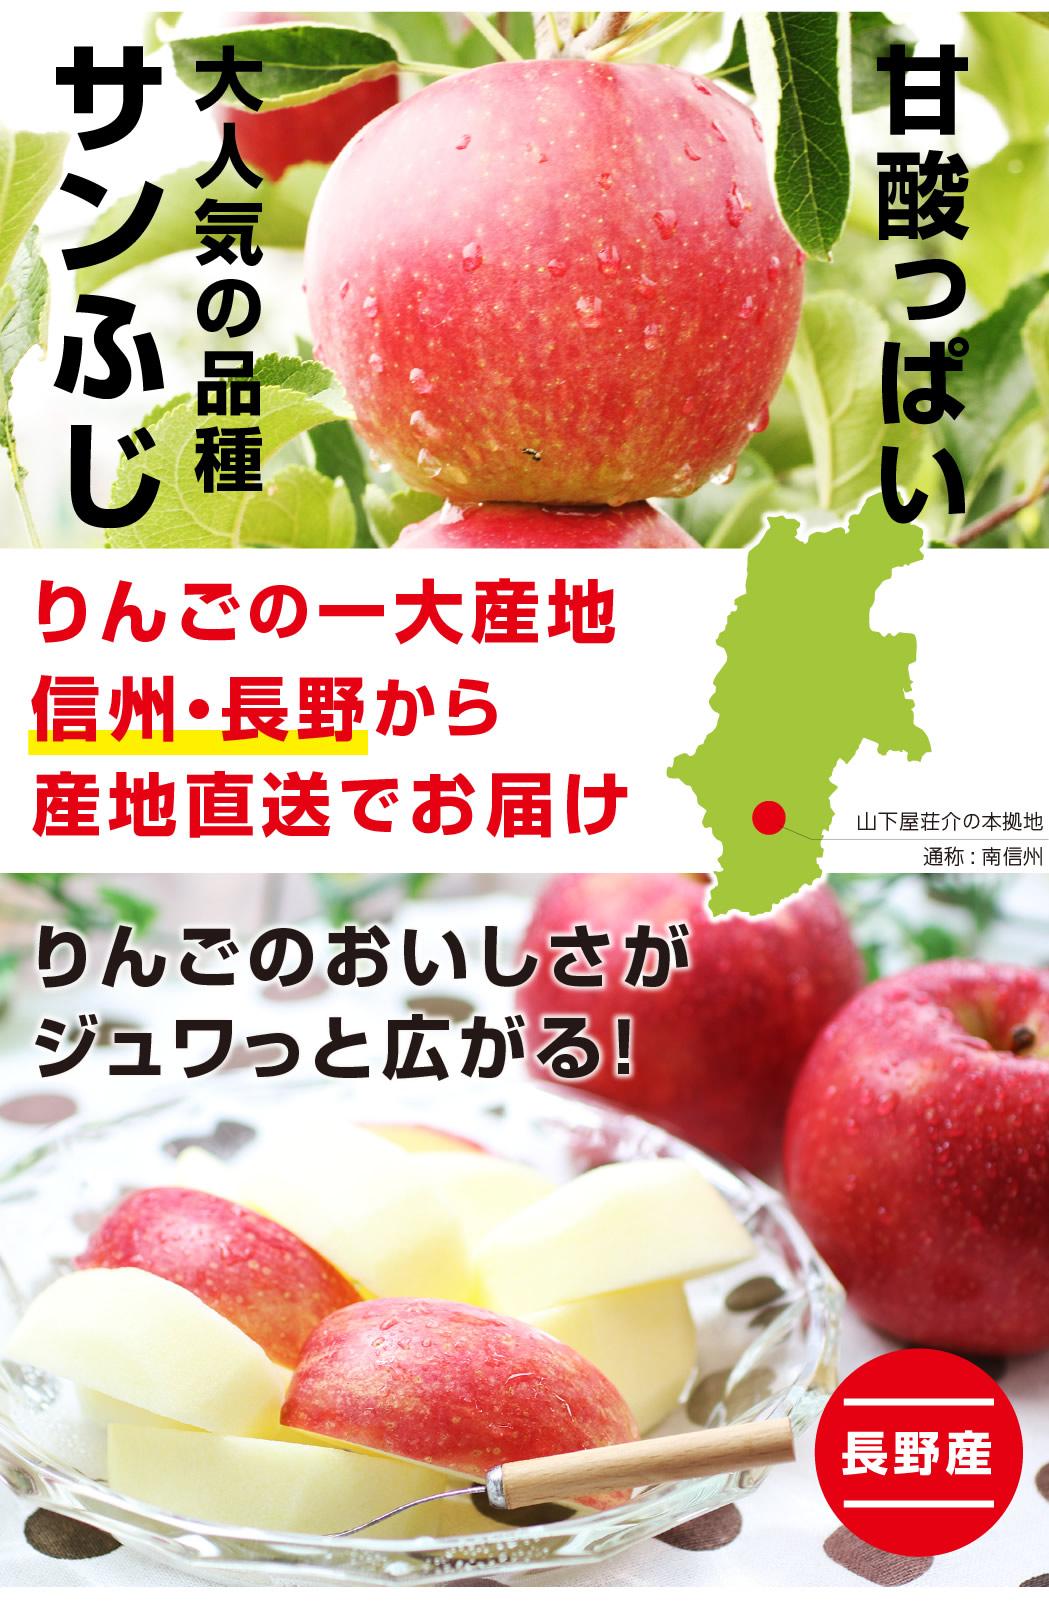 りんごの一大産地「信州・長野」から産地直送